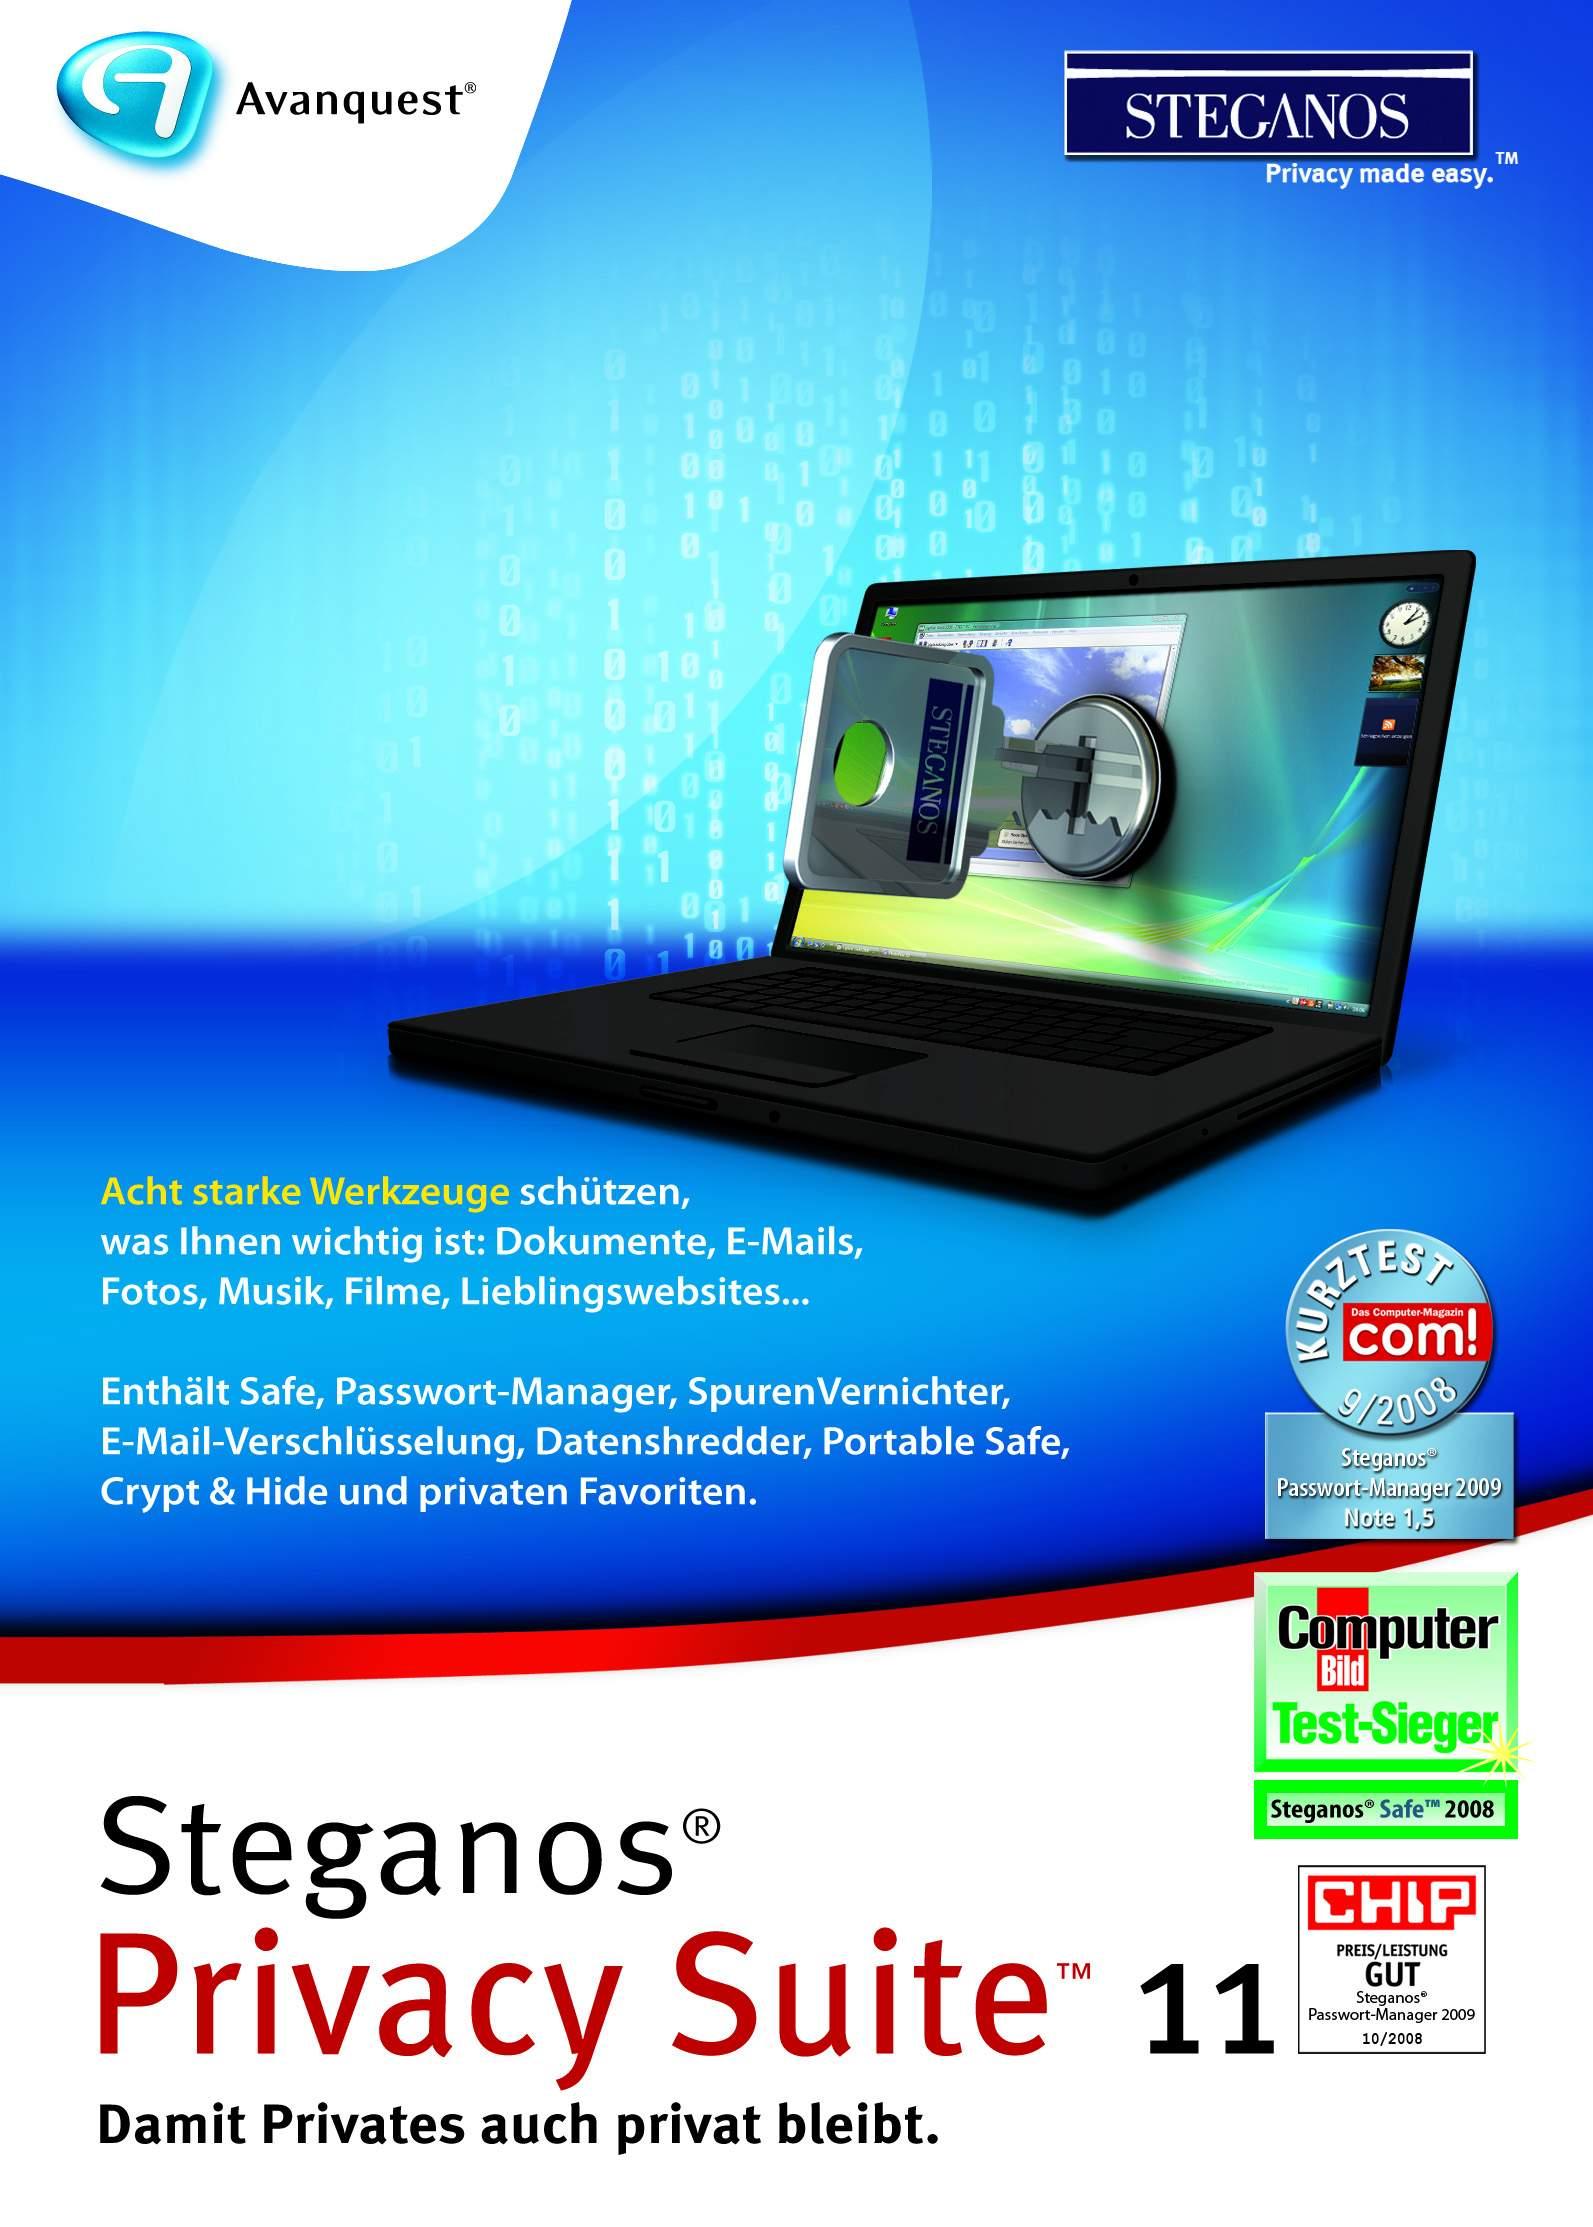 Steganos Privacy Suite 11